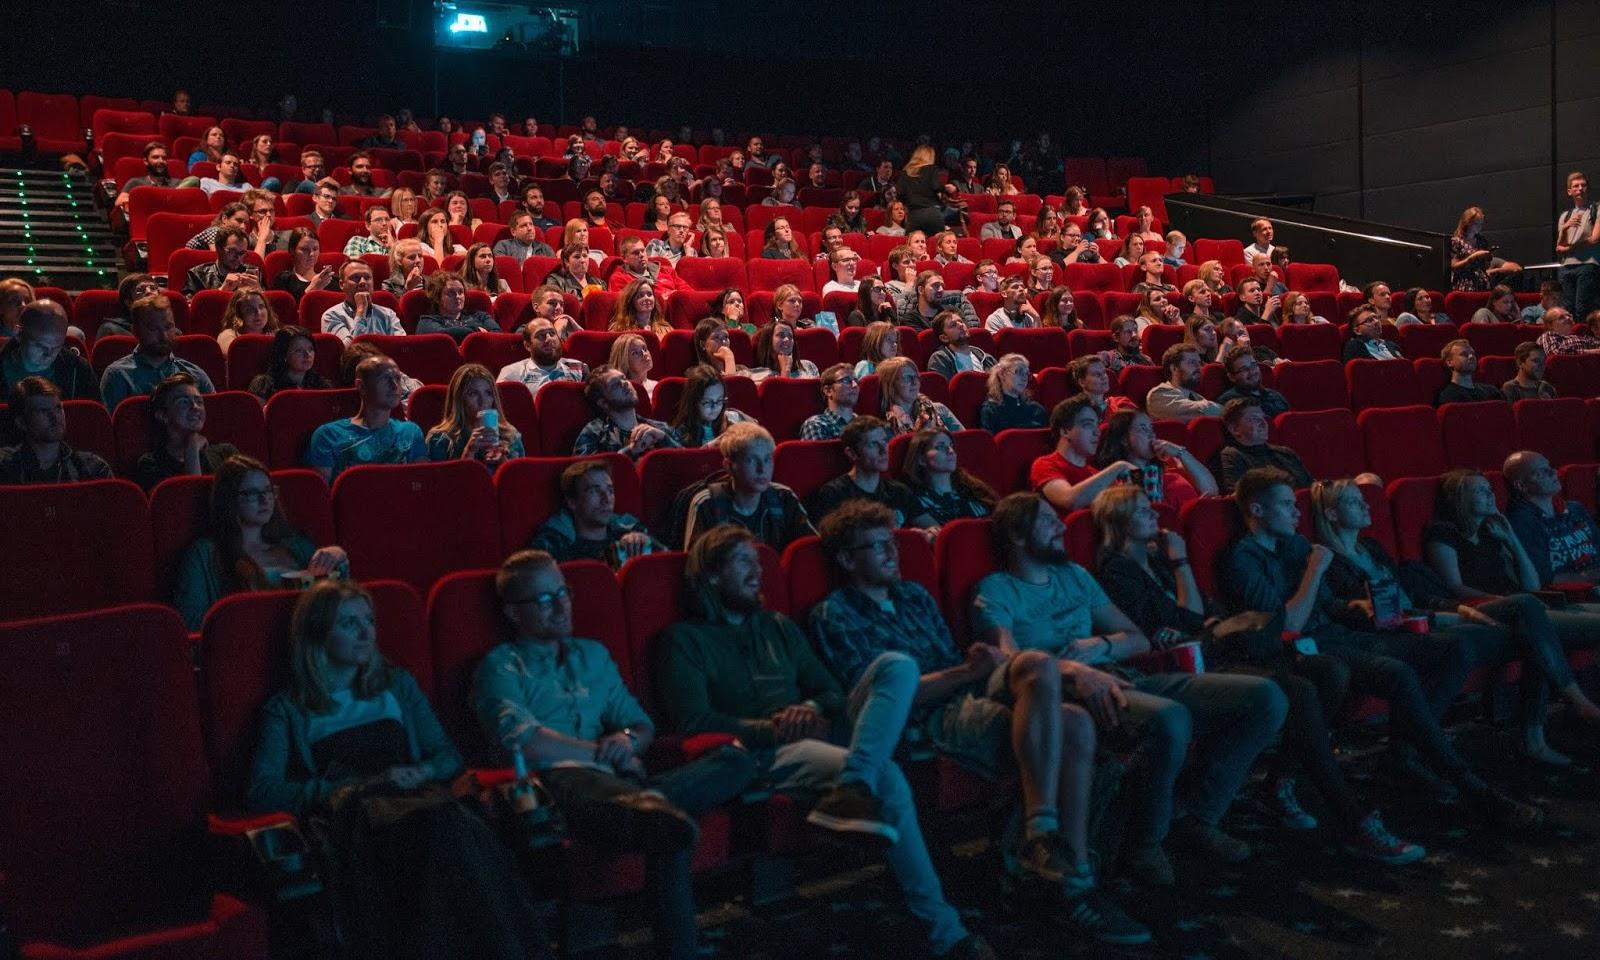 filmPOLSKA – FESTIWAL POLSKICH FILMÓW W BERLINIE